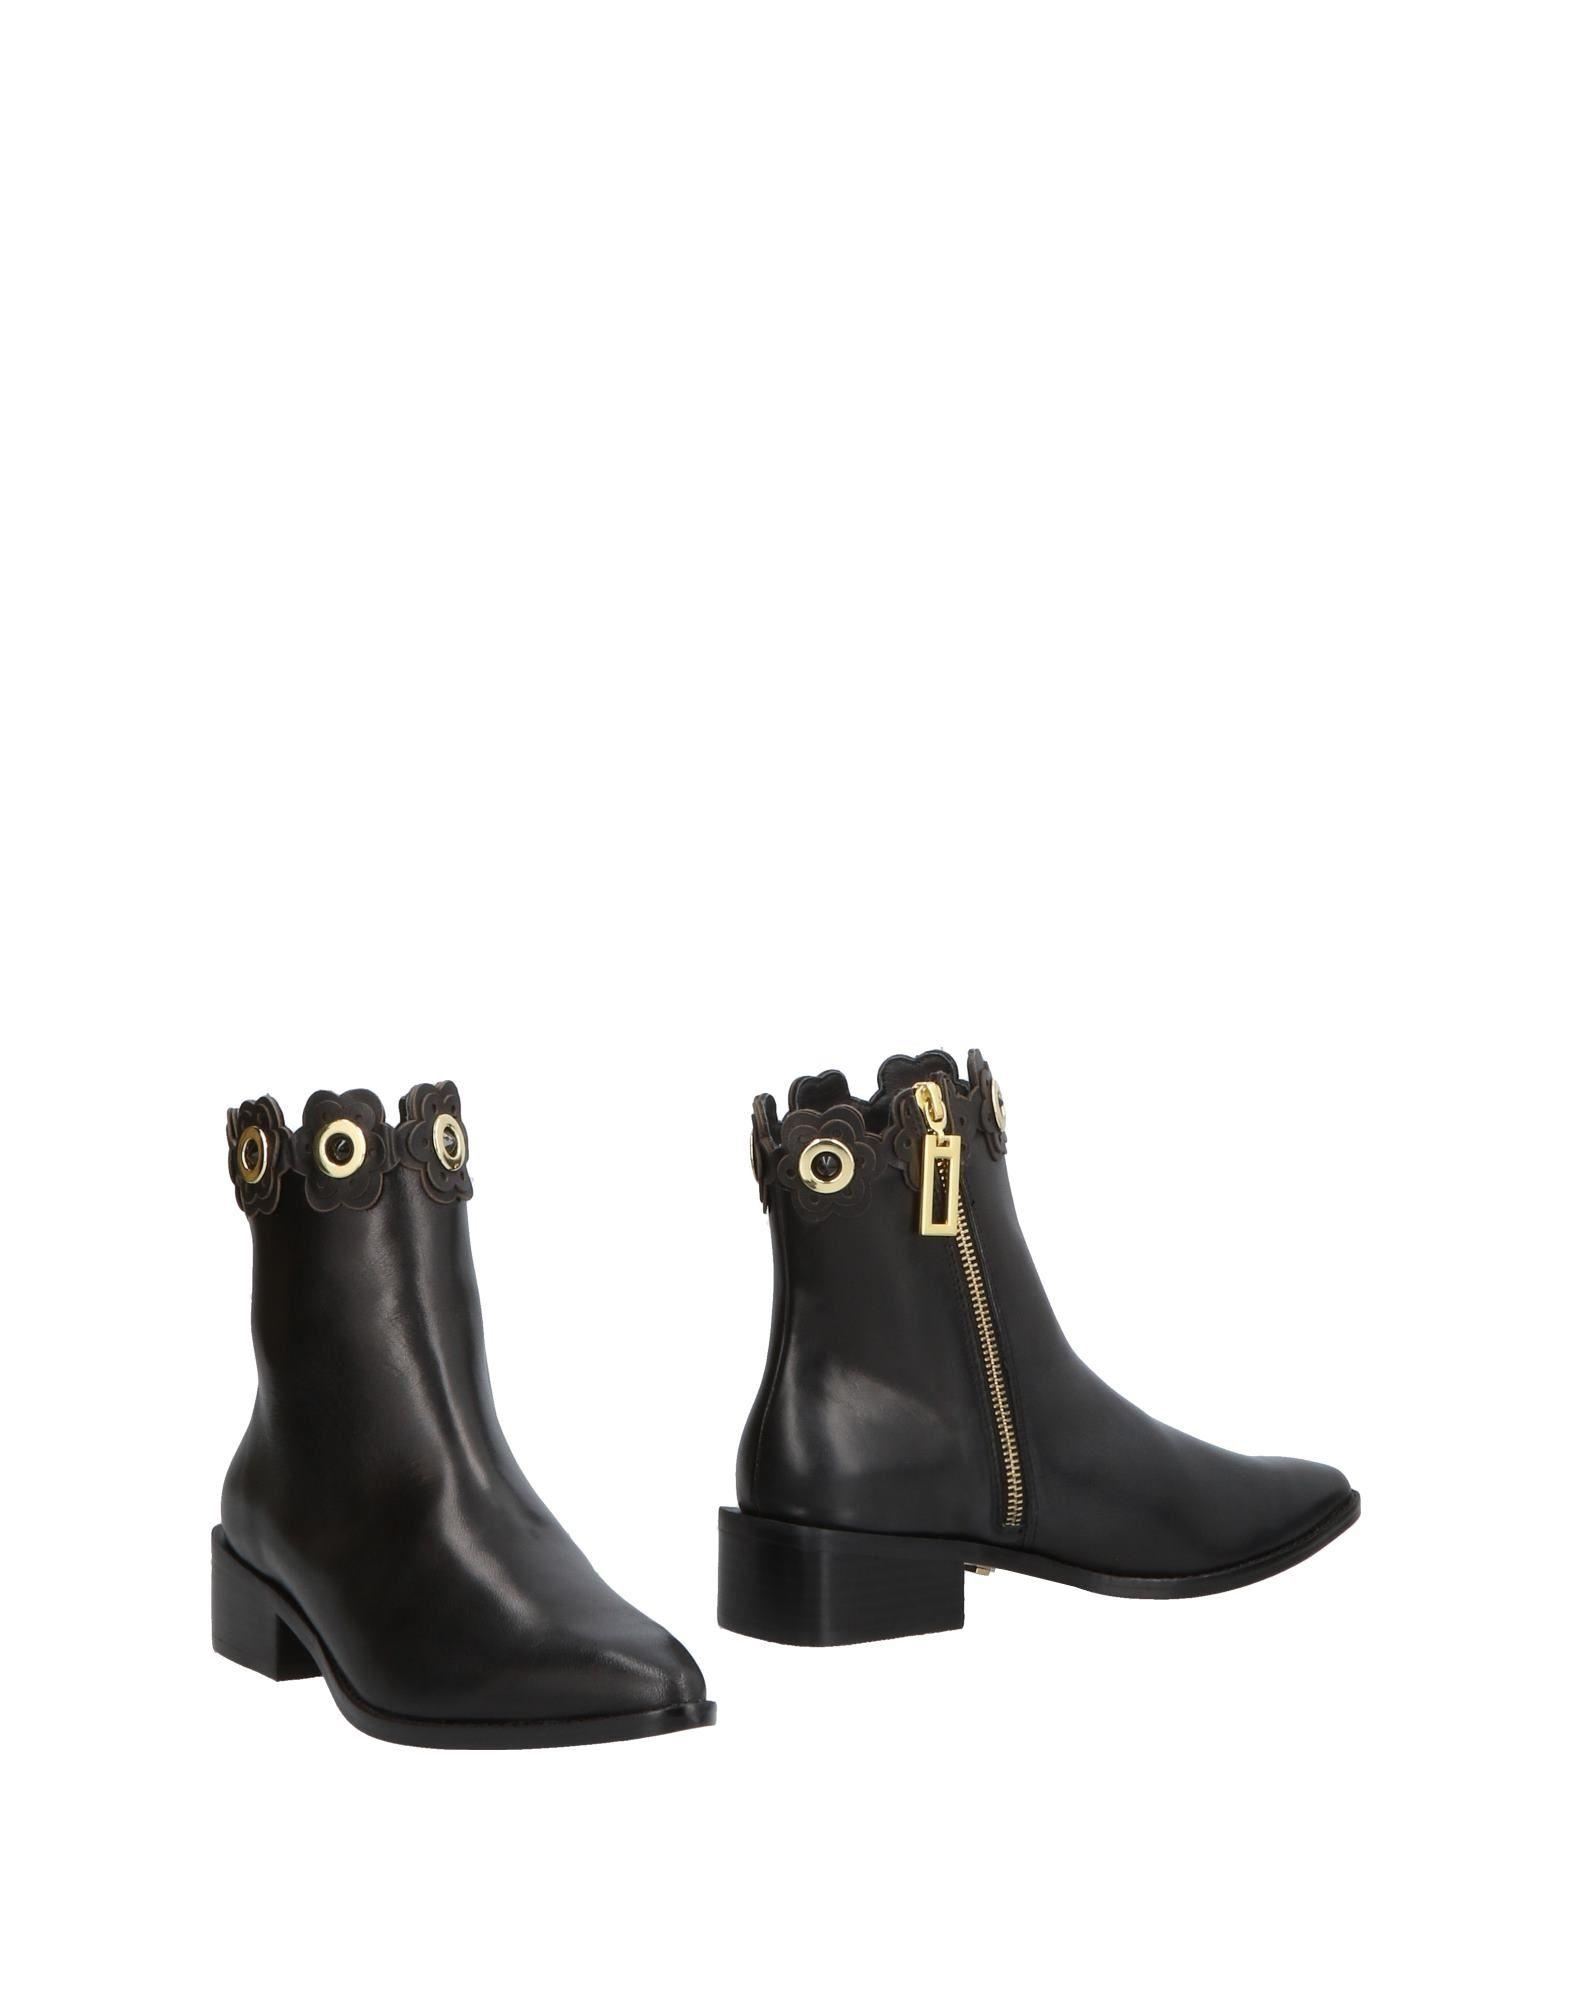 Kat Maconie Stiefelette Damen  11502597ASGut aussehende strapazierfähige Schuhe